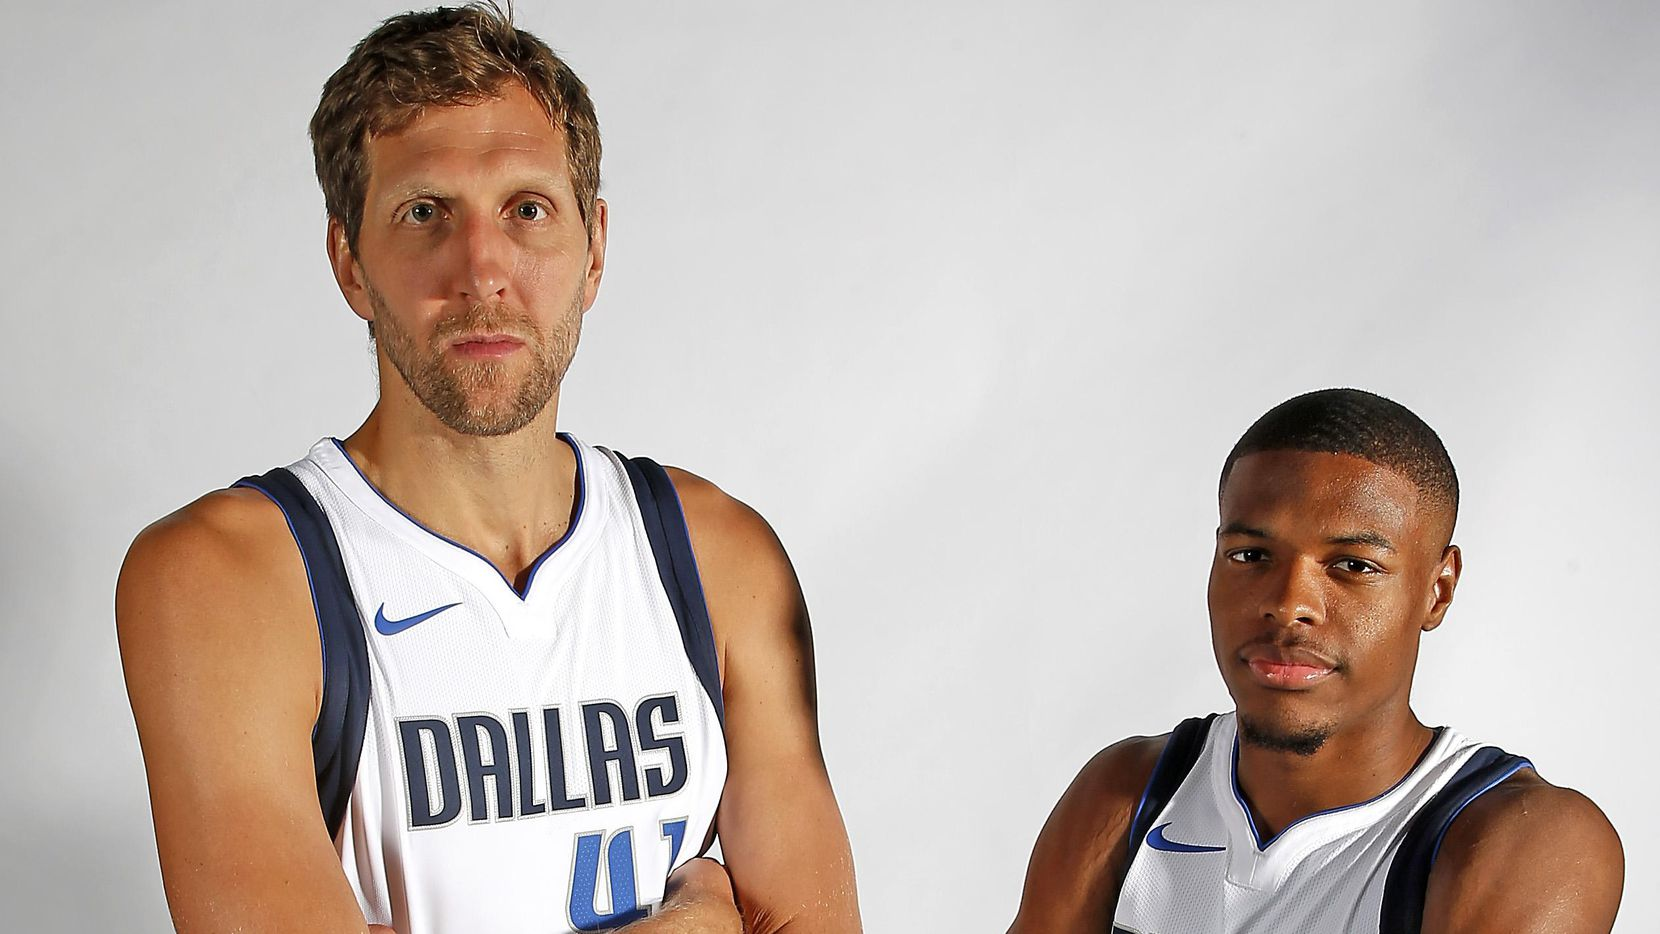 """El delantero veterano Dirk Nowitzki y el guardia novato Dennis Smith Jr. posan para una fotografía el lunes en el """"Media Day"""" de los Mavericks de Dallas. (Staff Photographer/Jae S. Lee)"""